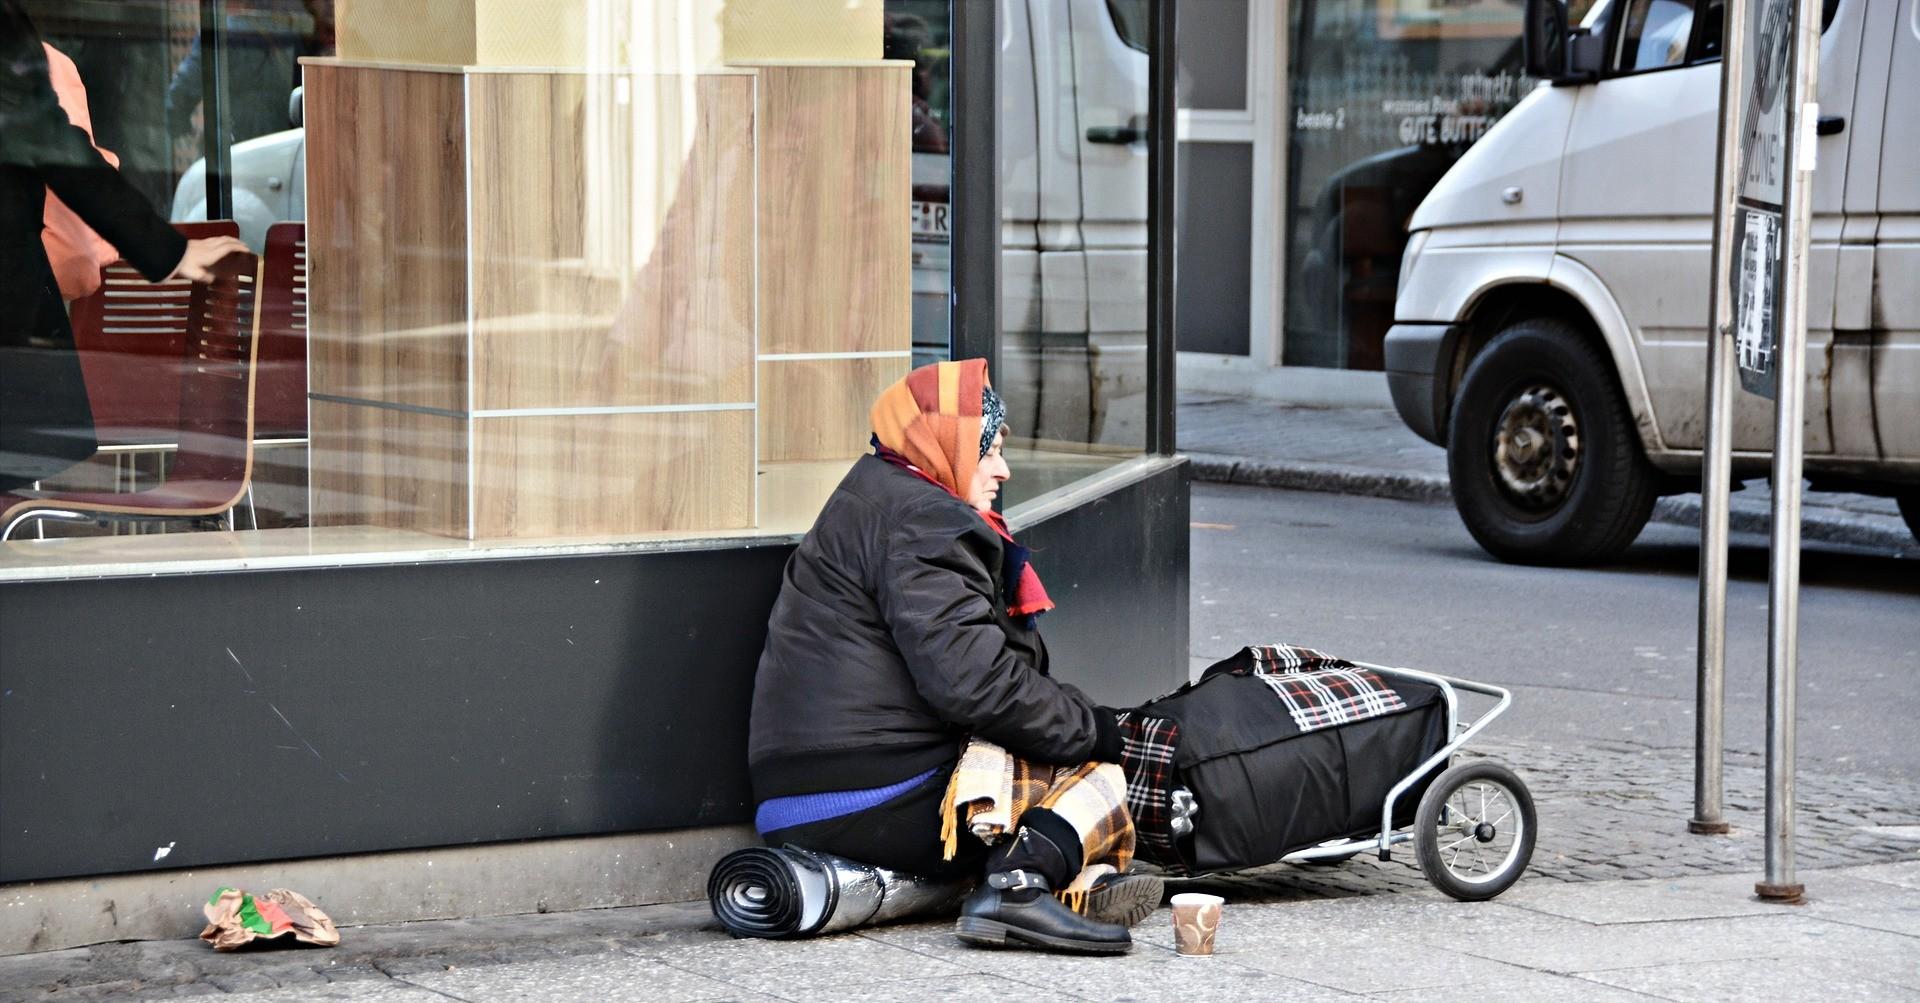 vasi-comunicanti-rapporto-poverta